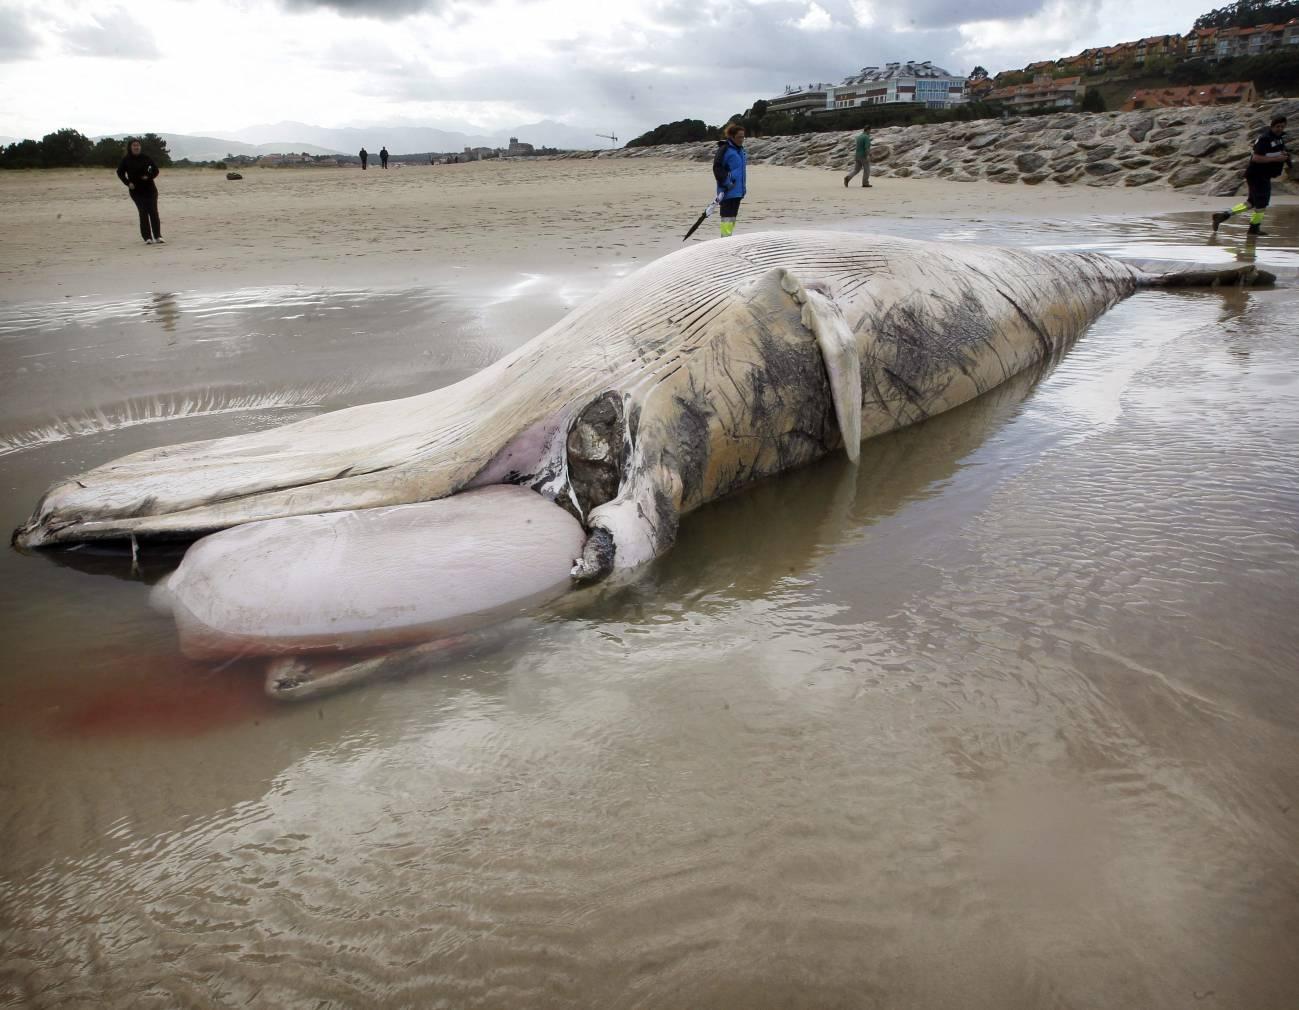 Vista de la ballena de entre doce y catorce metros de longitud, que ha aparecido muerta en la playa del Merón, en el municipio cántabro de San Vicente de la Barquera.